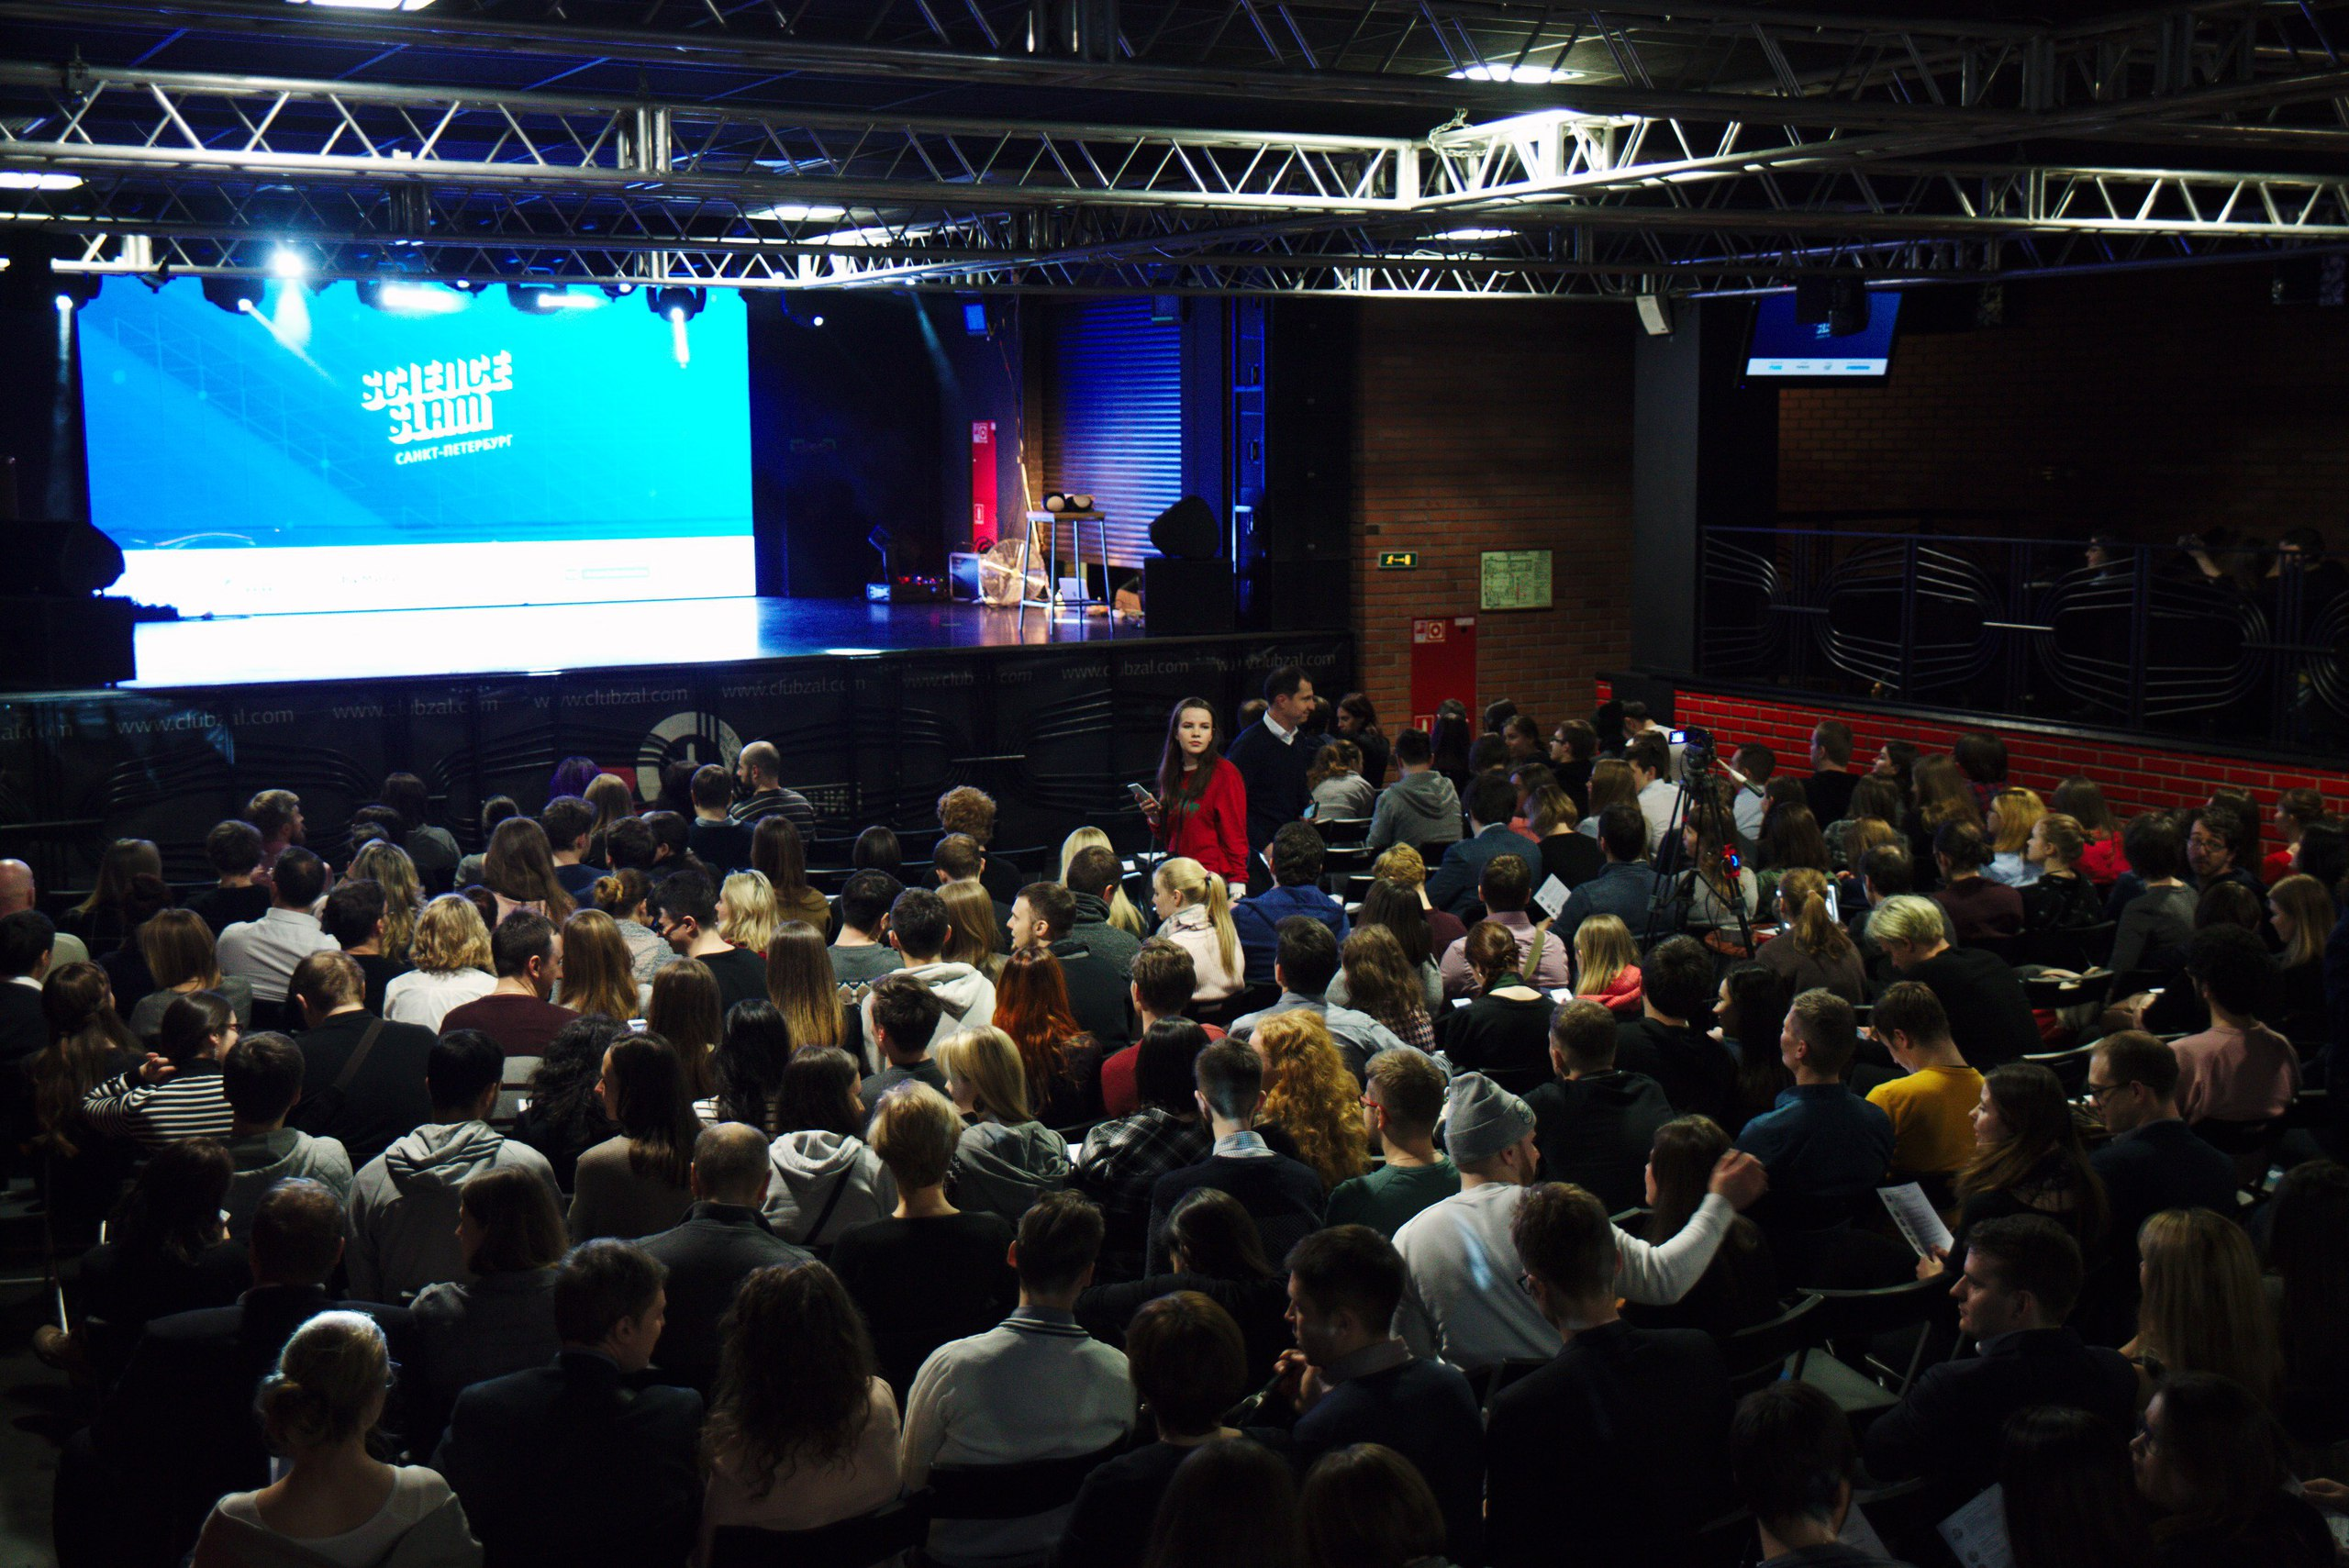 «Бумага» проведет Science Slam в Петербурге. Молодые ученые расскажут о стрессе, шизофрении и языках в Индии